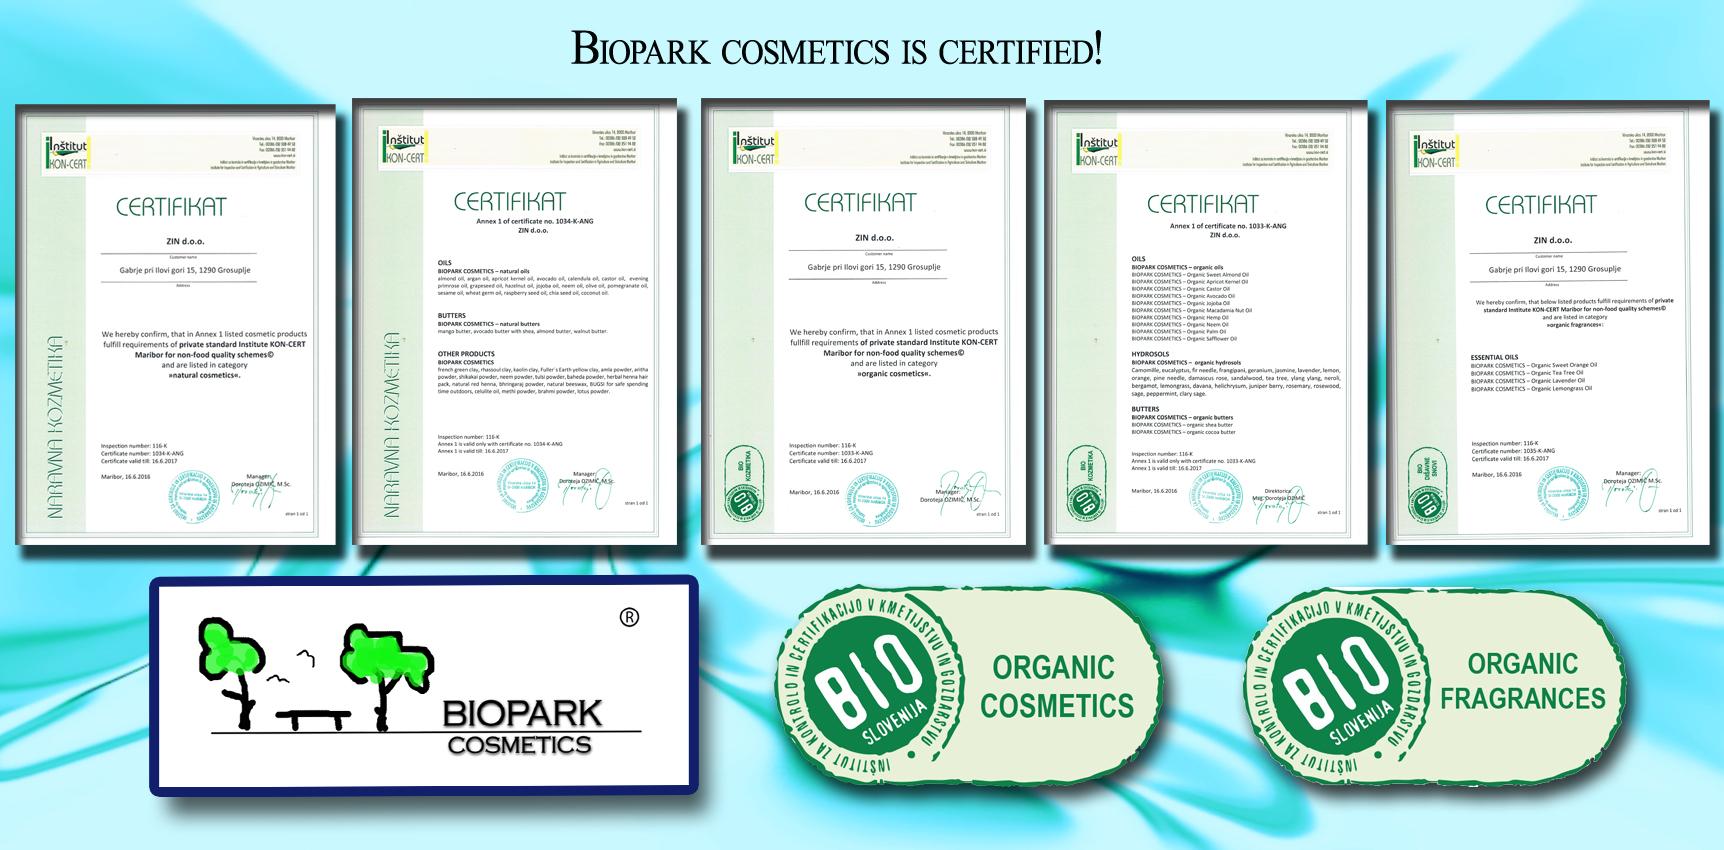 Biopark wix certifikati copy